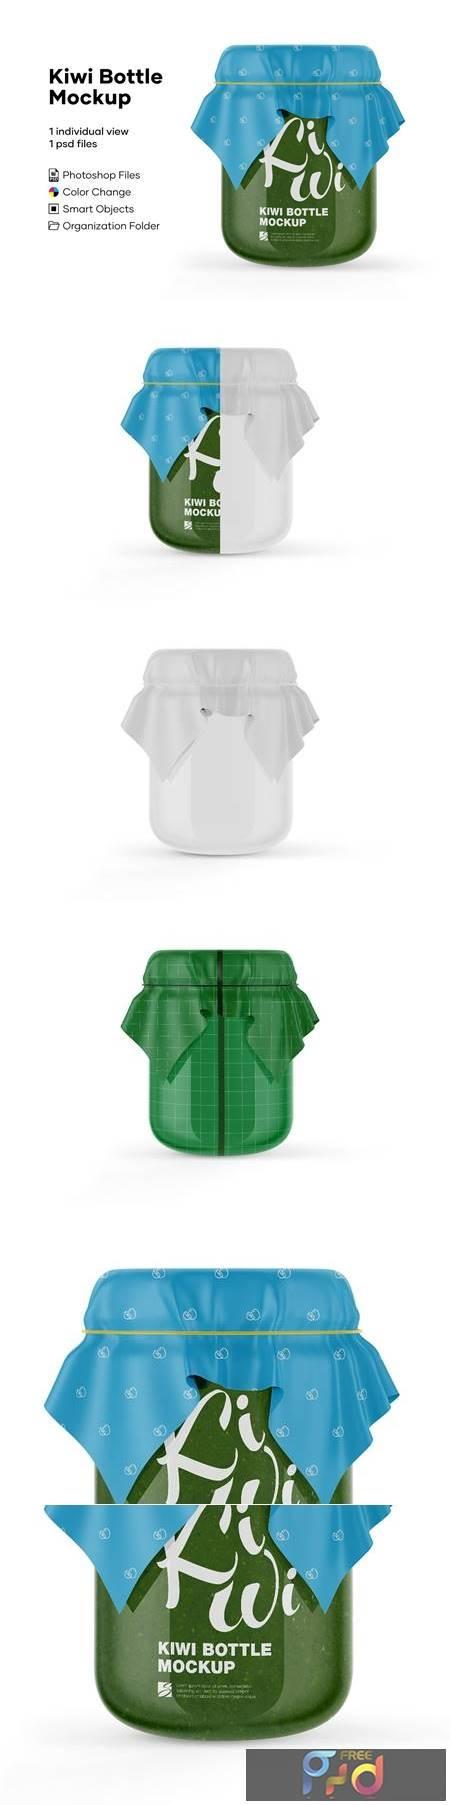 Kiwi Bottle Mockup 5224093 1